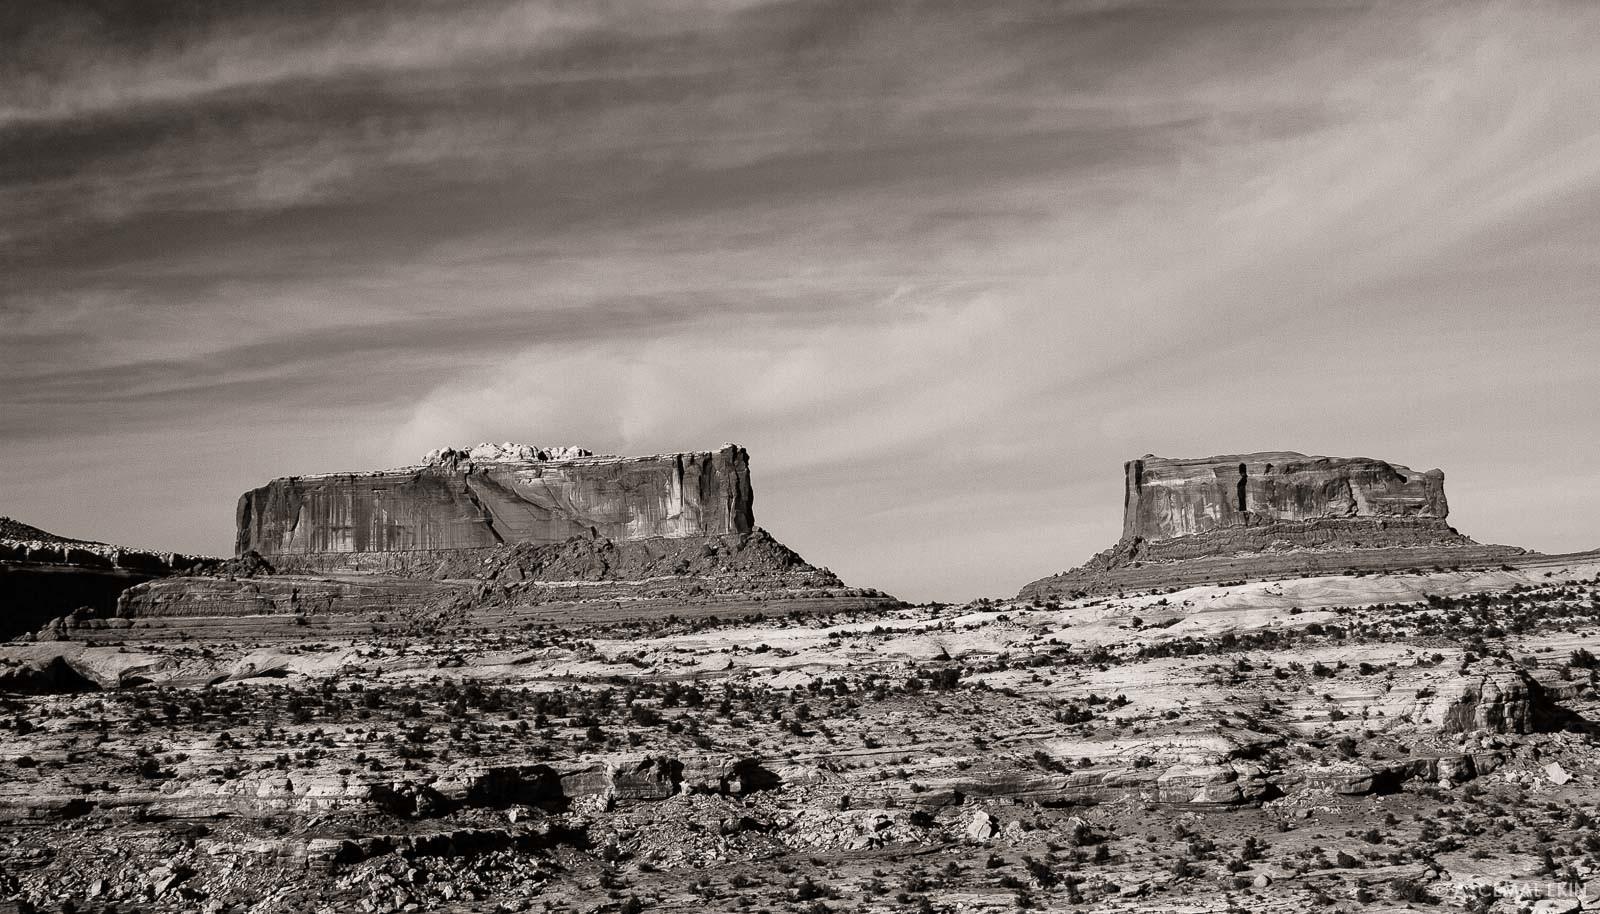 7 - Visions of Utah